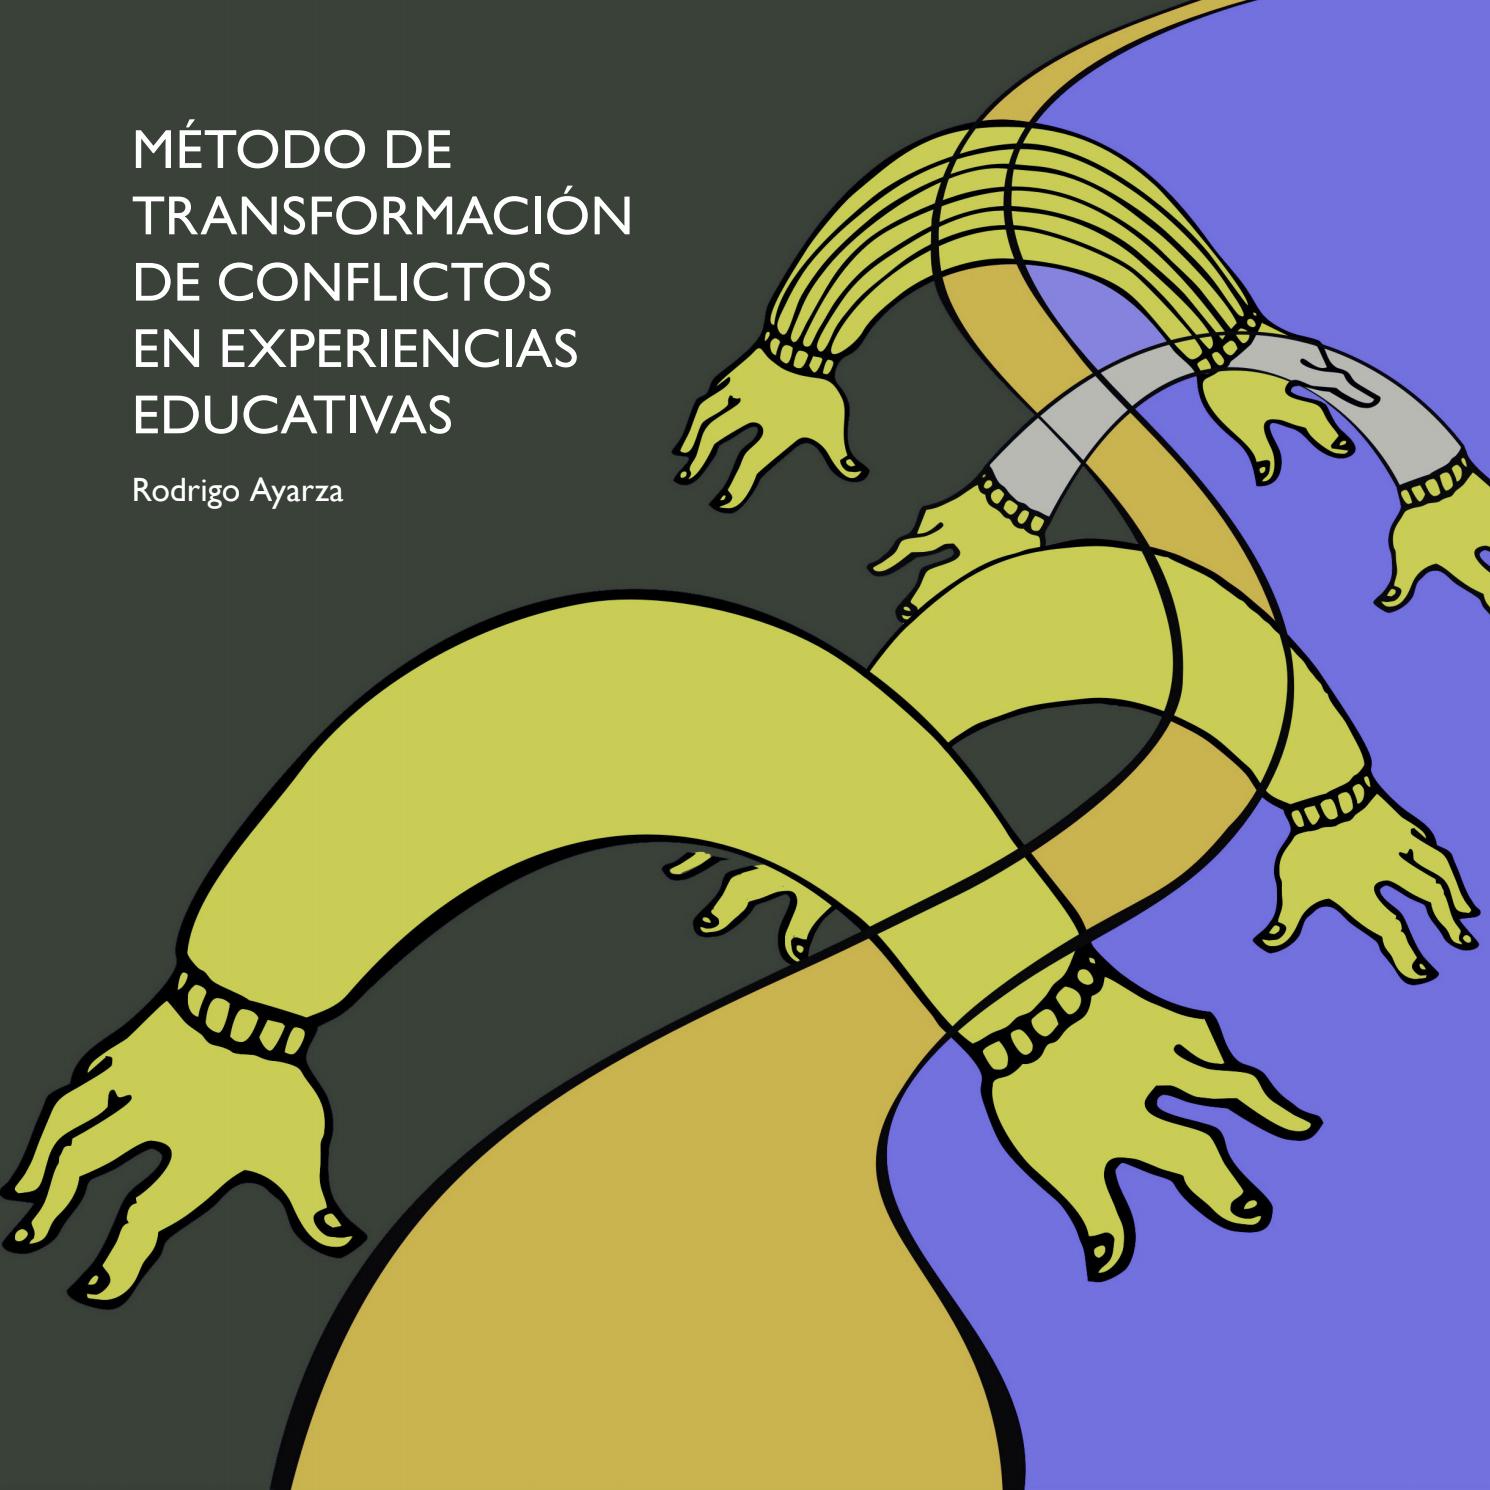 ¿Por qué es necesario transformar conflictos educativos? - Guía práctica para docentes. Cuando importa definir alternativas al conflicto.